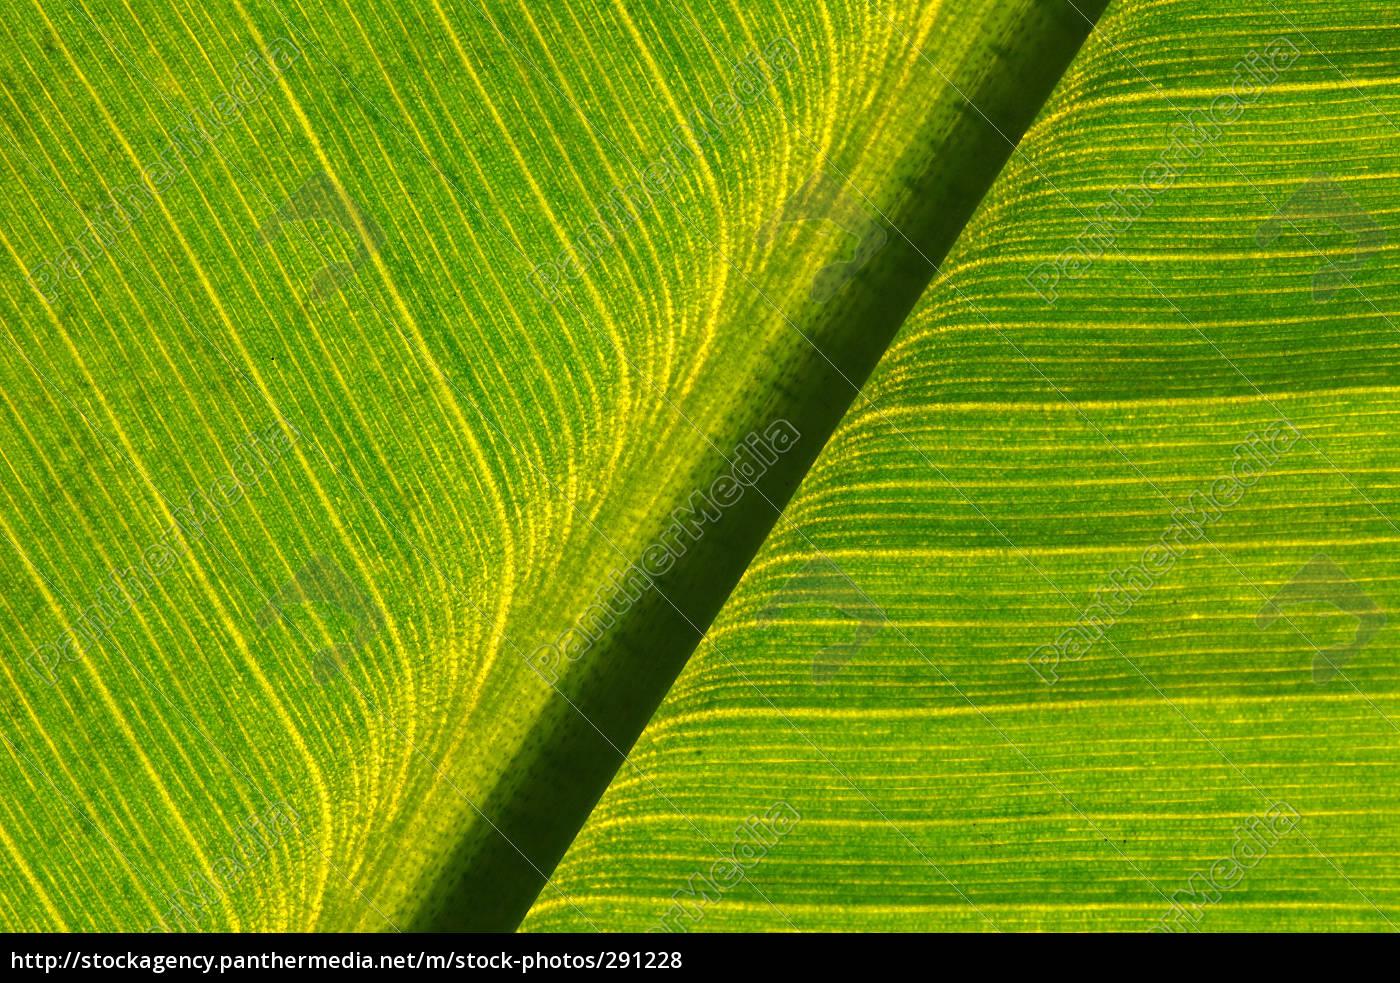 banana, leaf - 291228